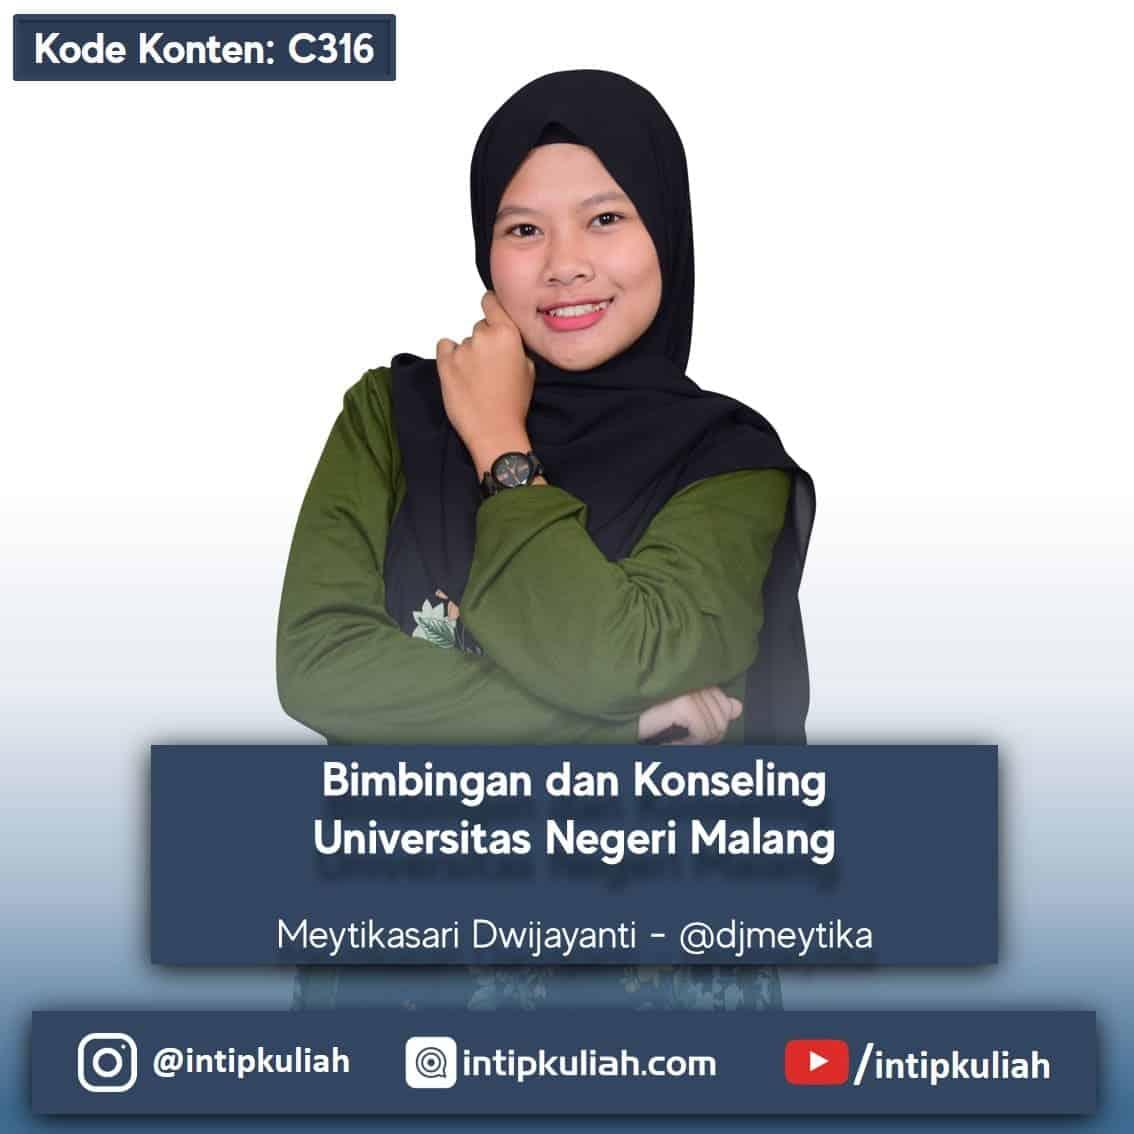 BK Universitas Negeri Malang(Meytikasari)